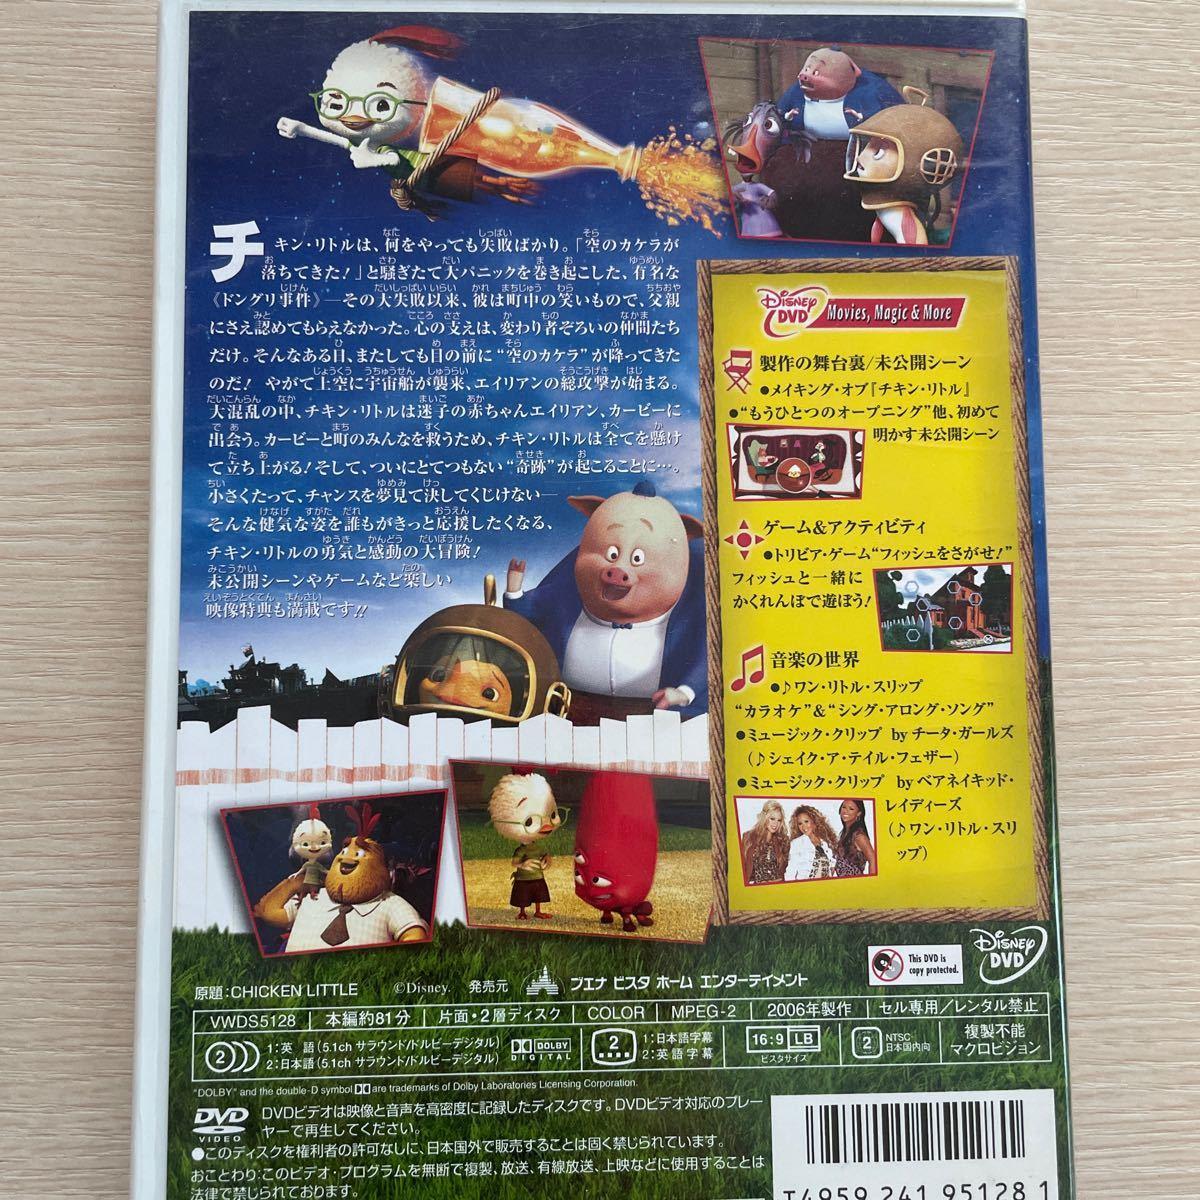 ディズニー Disney DVD チキンリトル チキン・リトル